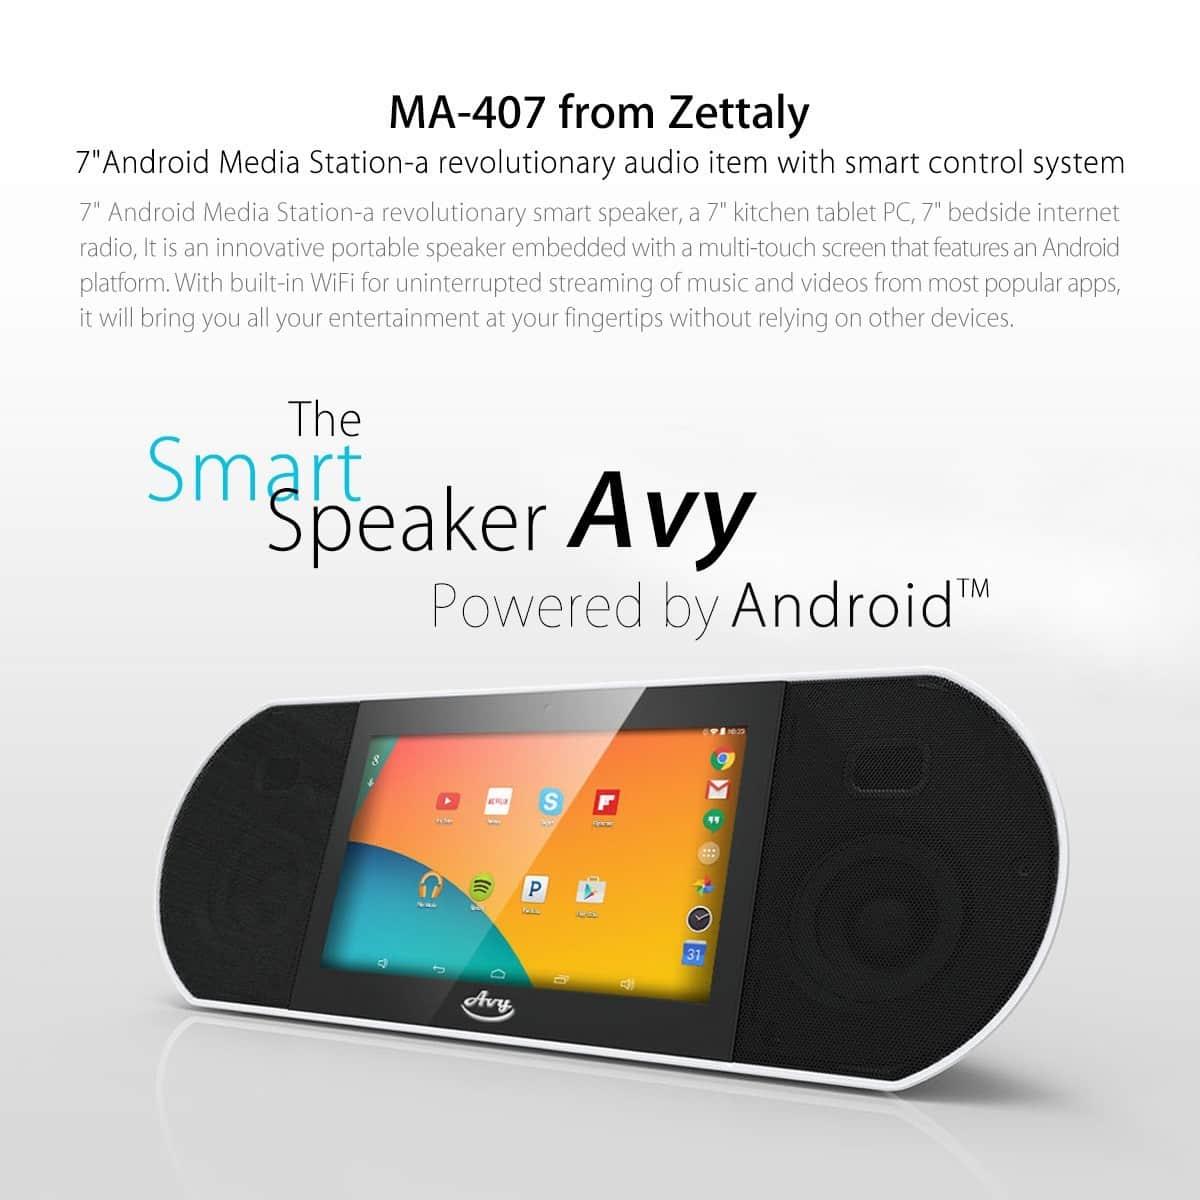 รูป Avy1 ประกอบเนื้อหา พบนวัตกรรมล้ำเวอร์กับ Gadget รุ่นใหม่ที่งาน Thailand Mobile Expo 2015